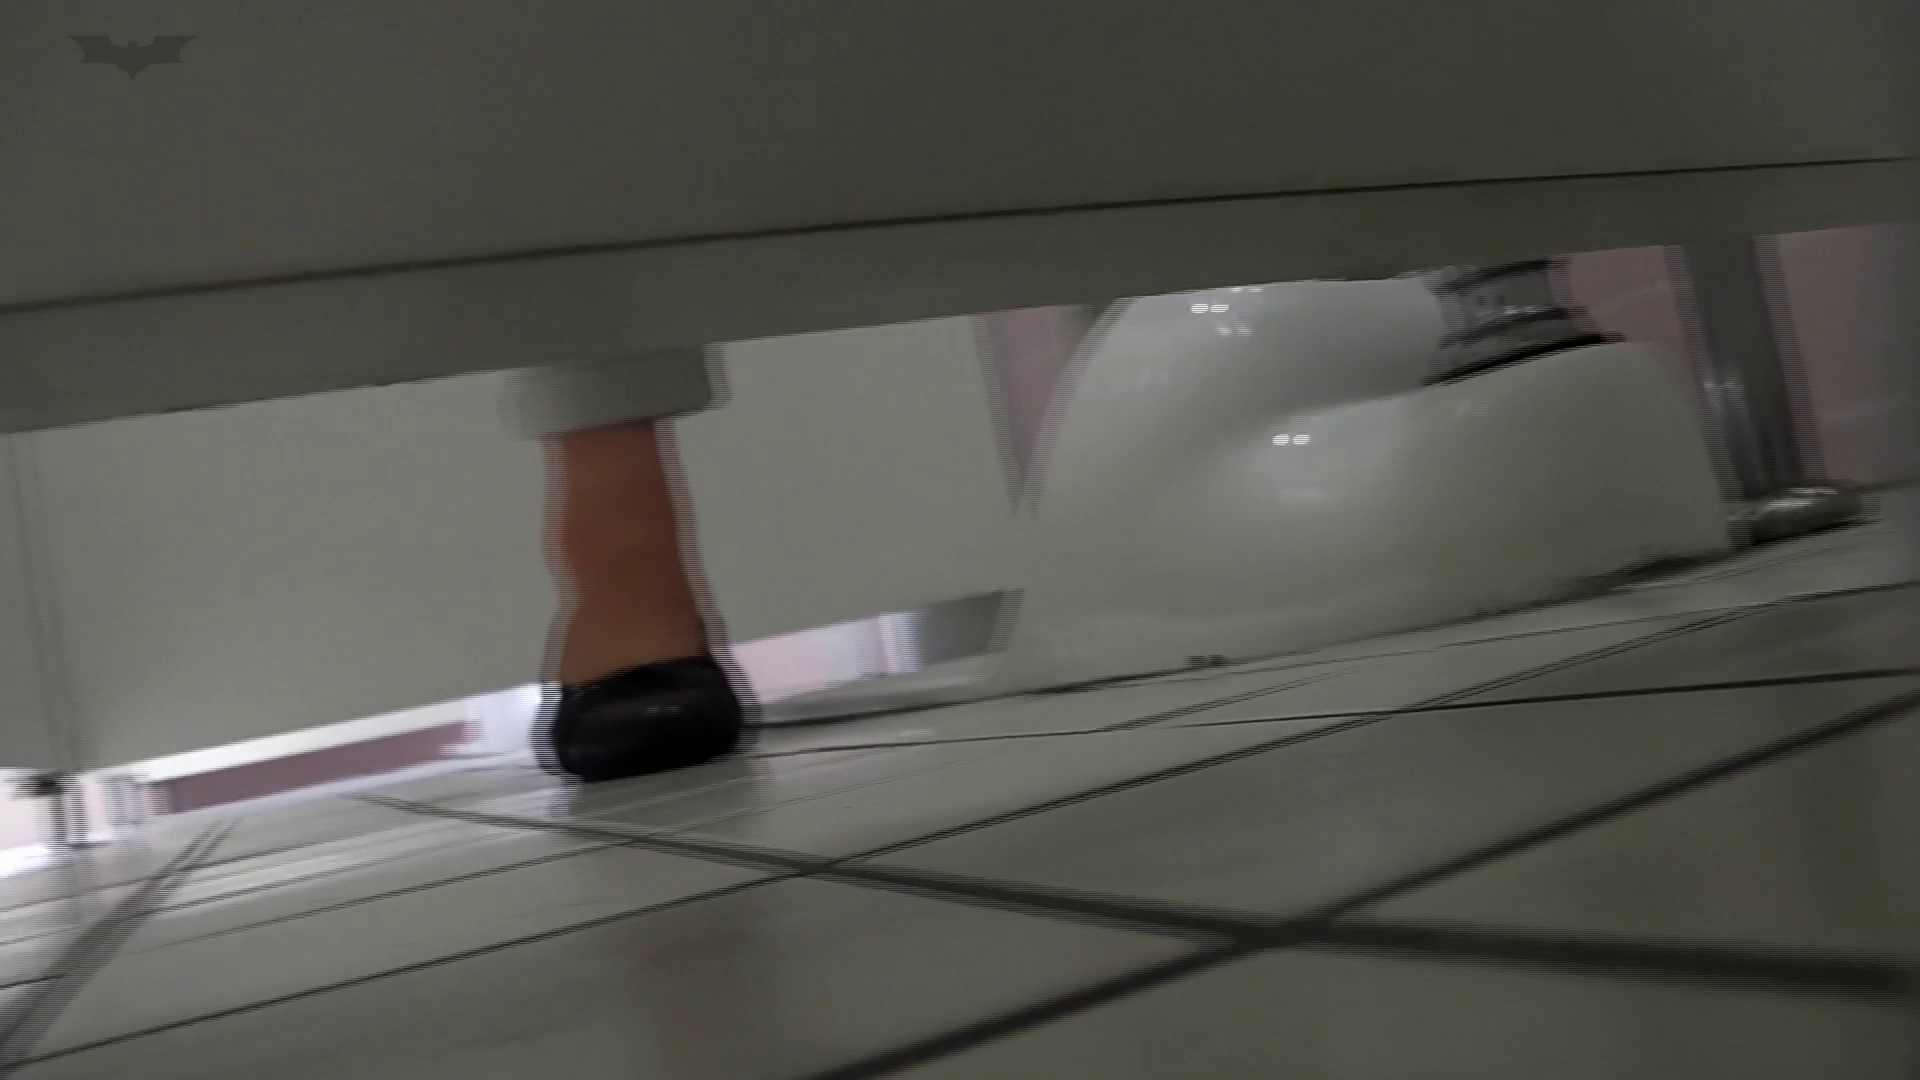 美しい日本の未来 No.17 結構大変!瞬間移動かーらーのっ、隙間撮り! 盗撮映像大放出 ワレメ動画紹介 21連発 17